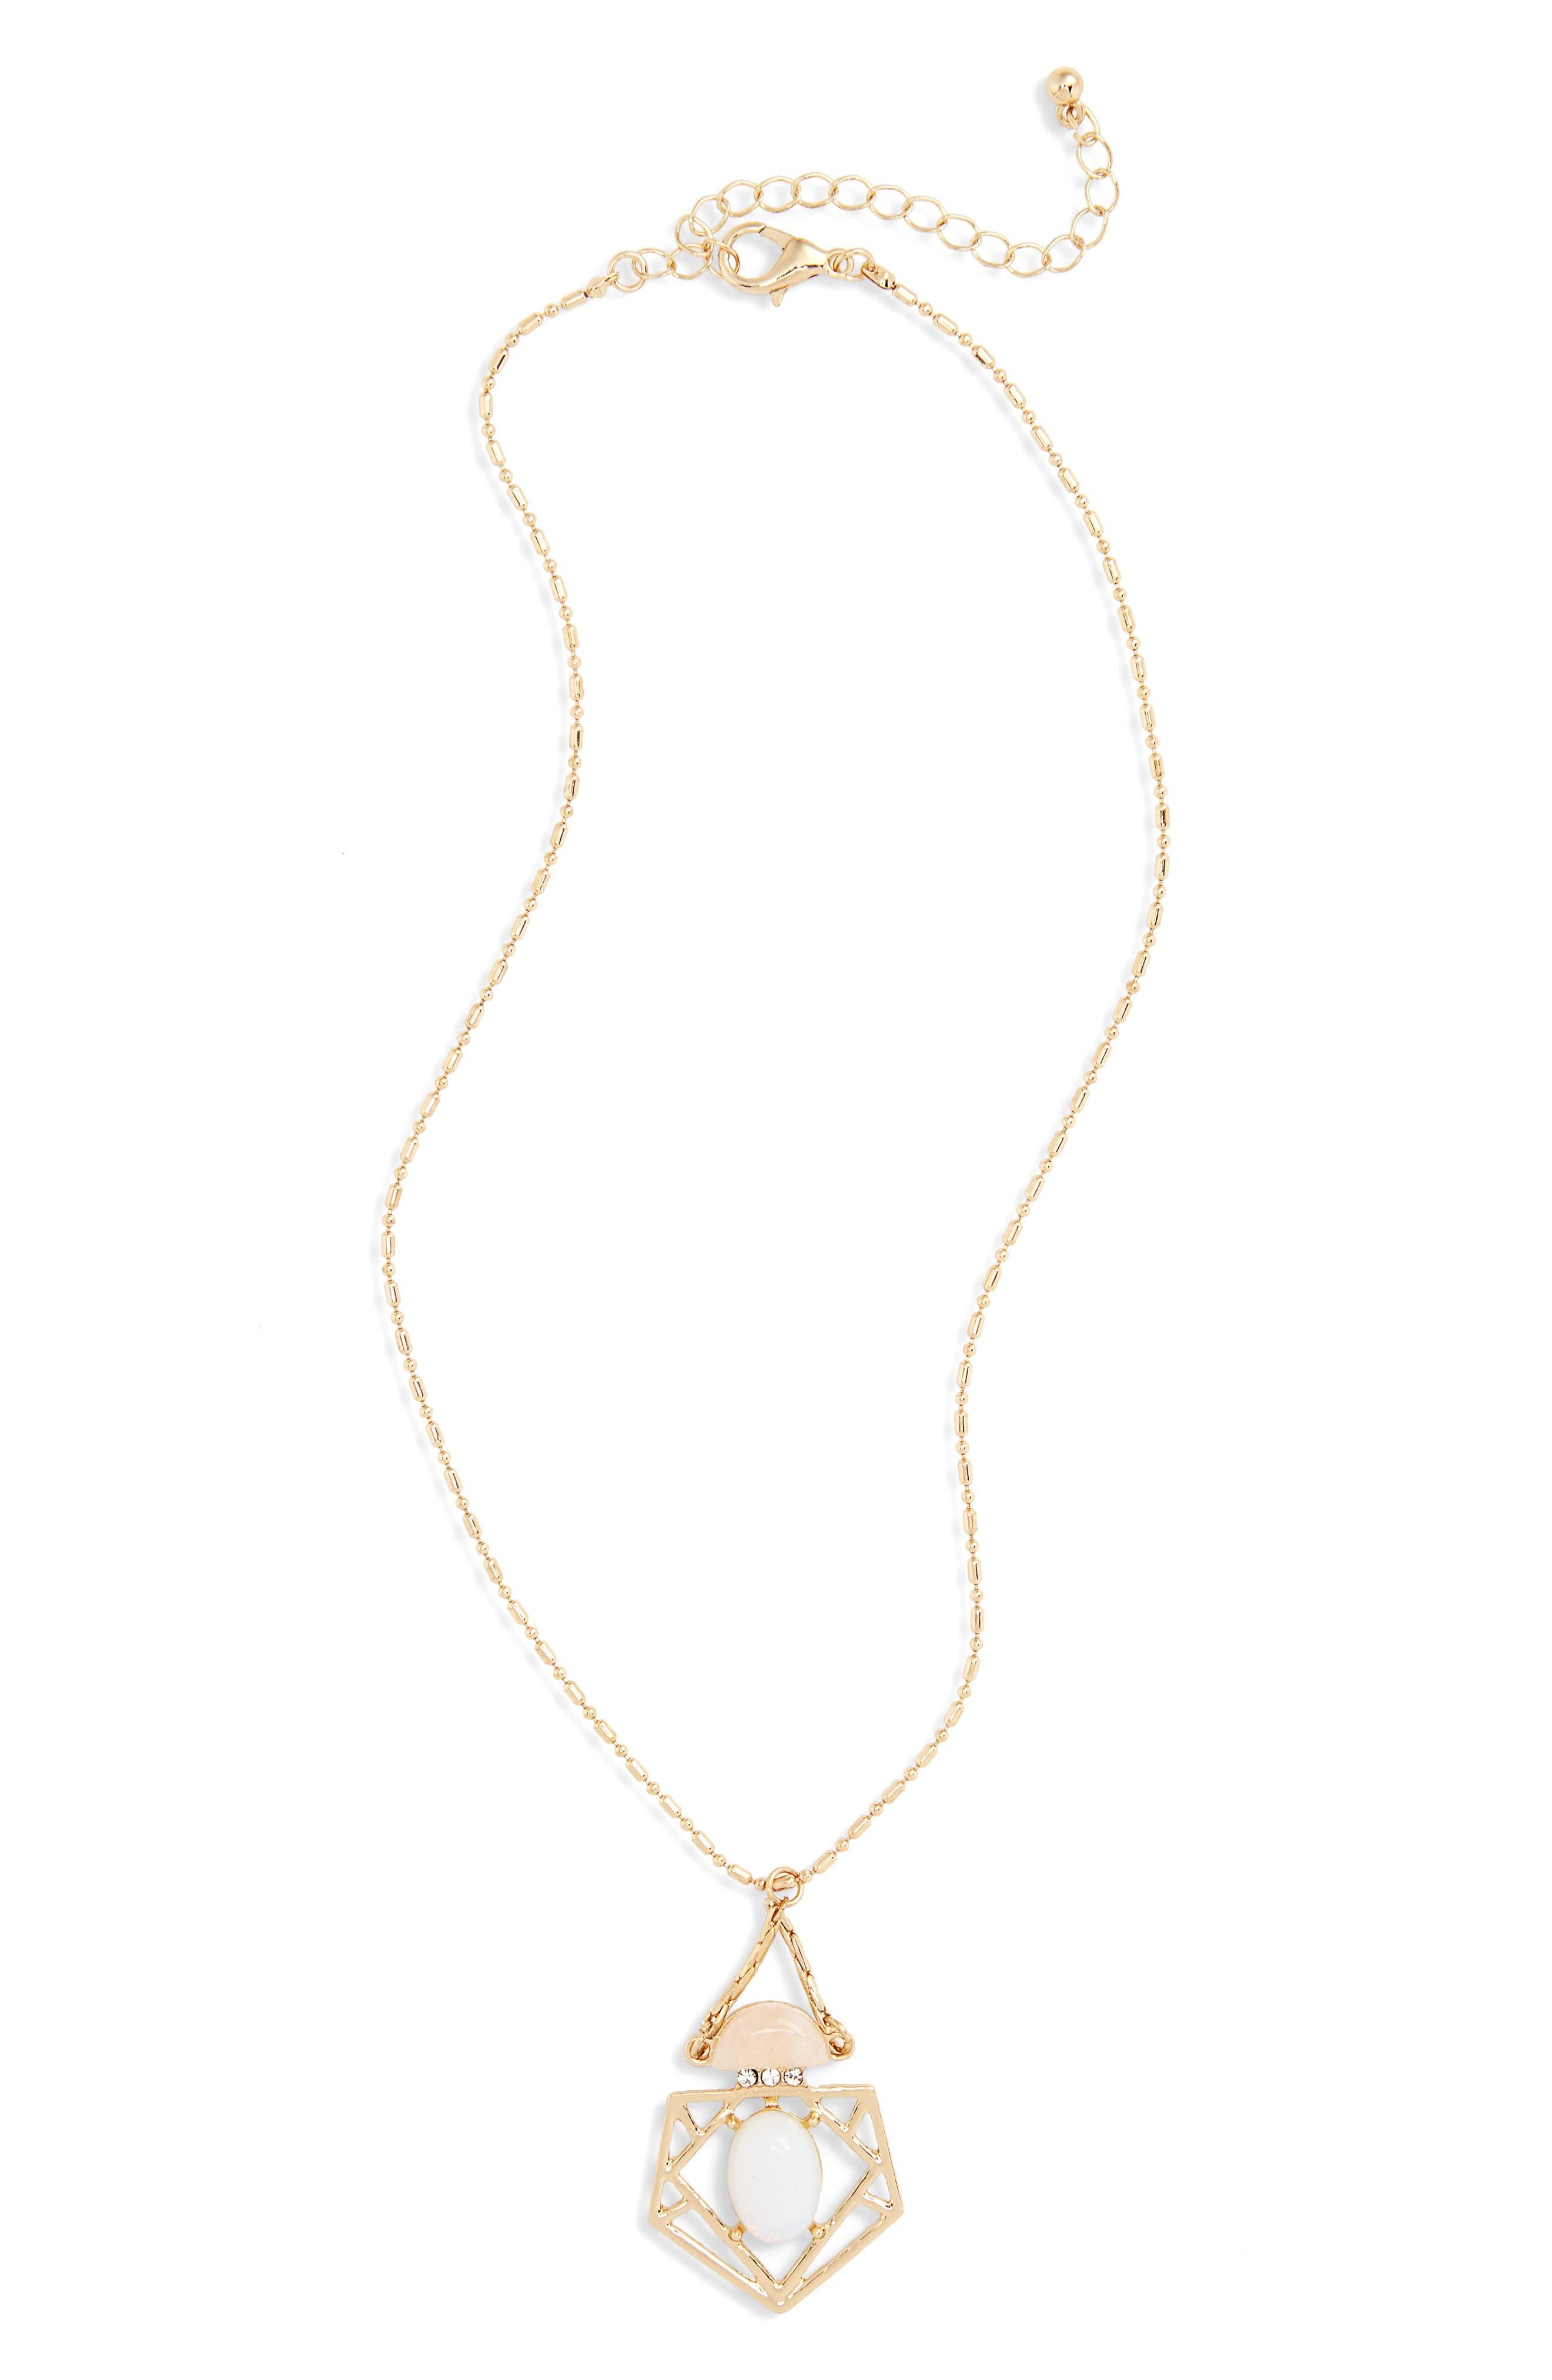 Quartz Geometric Pendant Necklace,                         Main,                         color, Gold